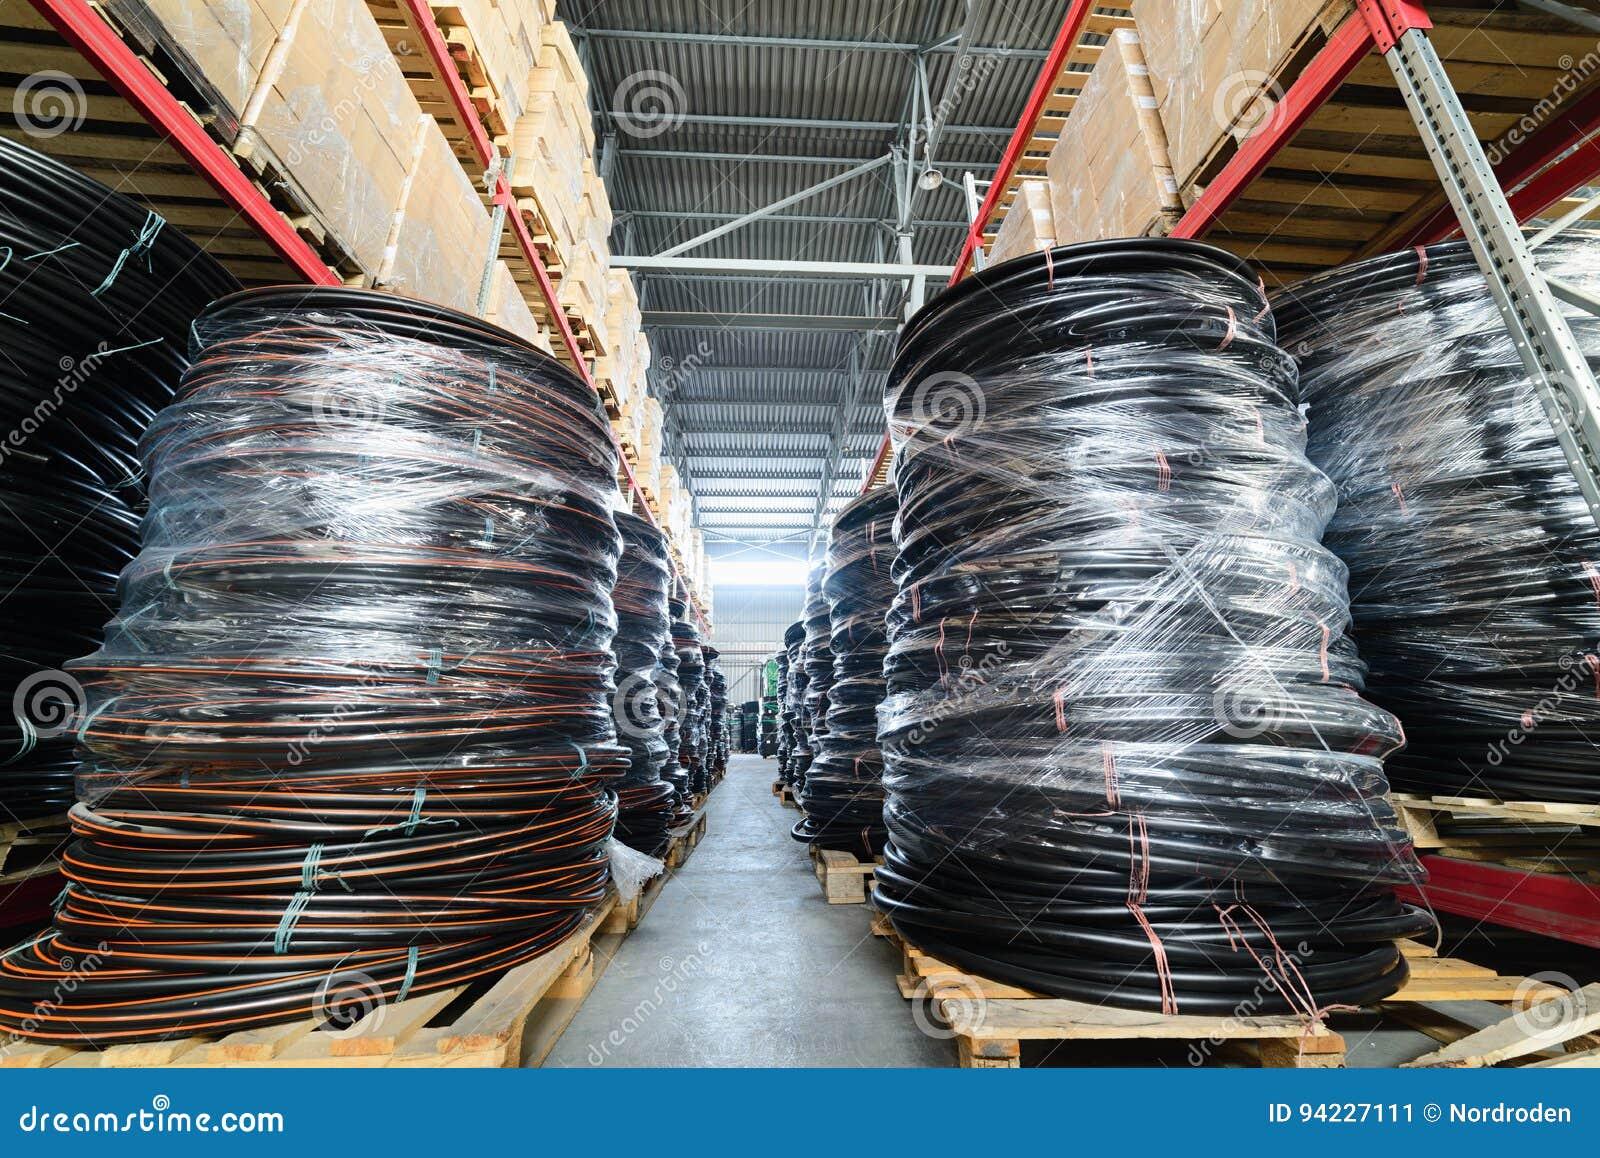 Prateleiras longas com uma variedade de caixas e recipientes